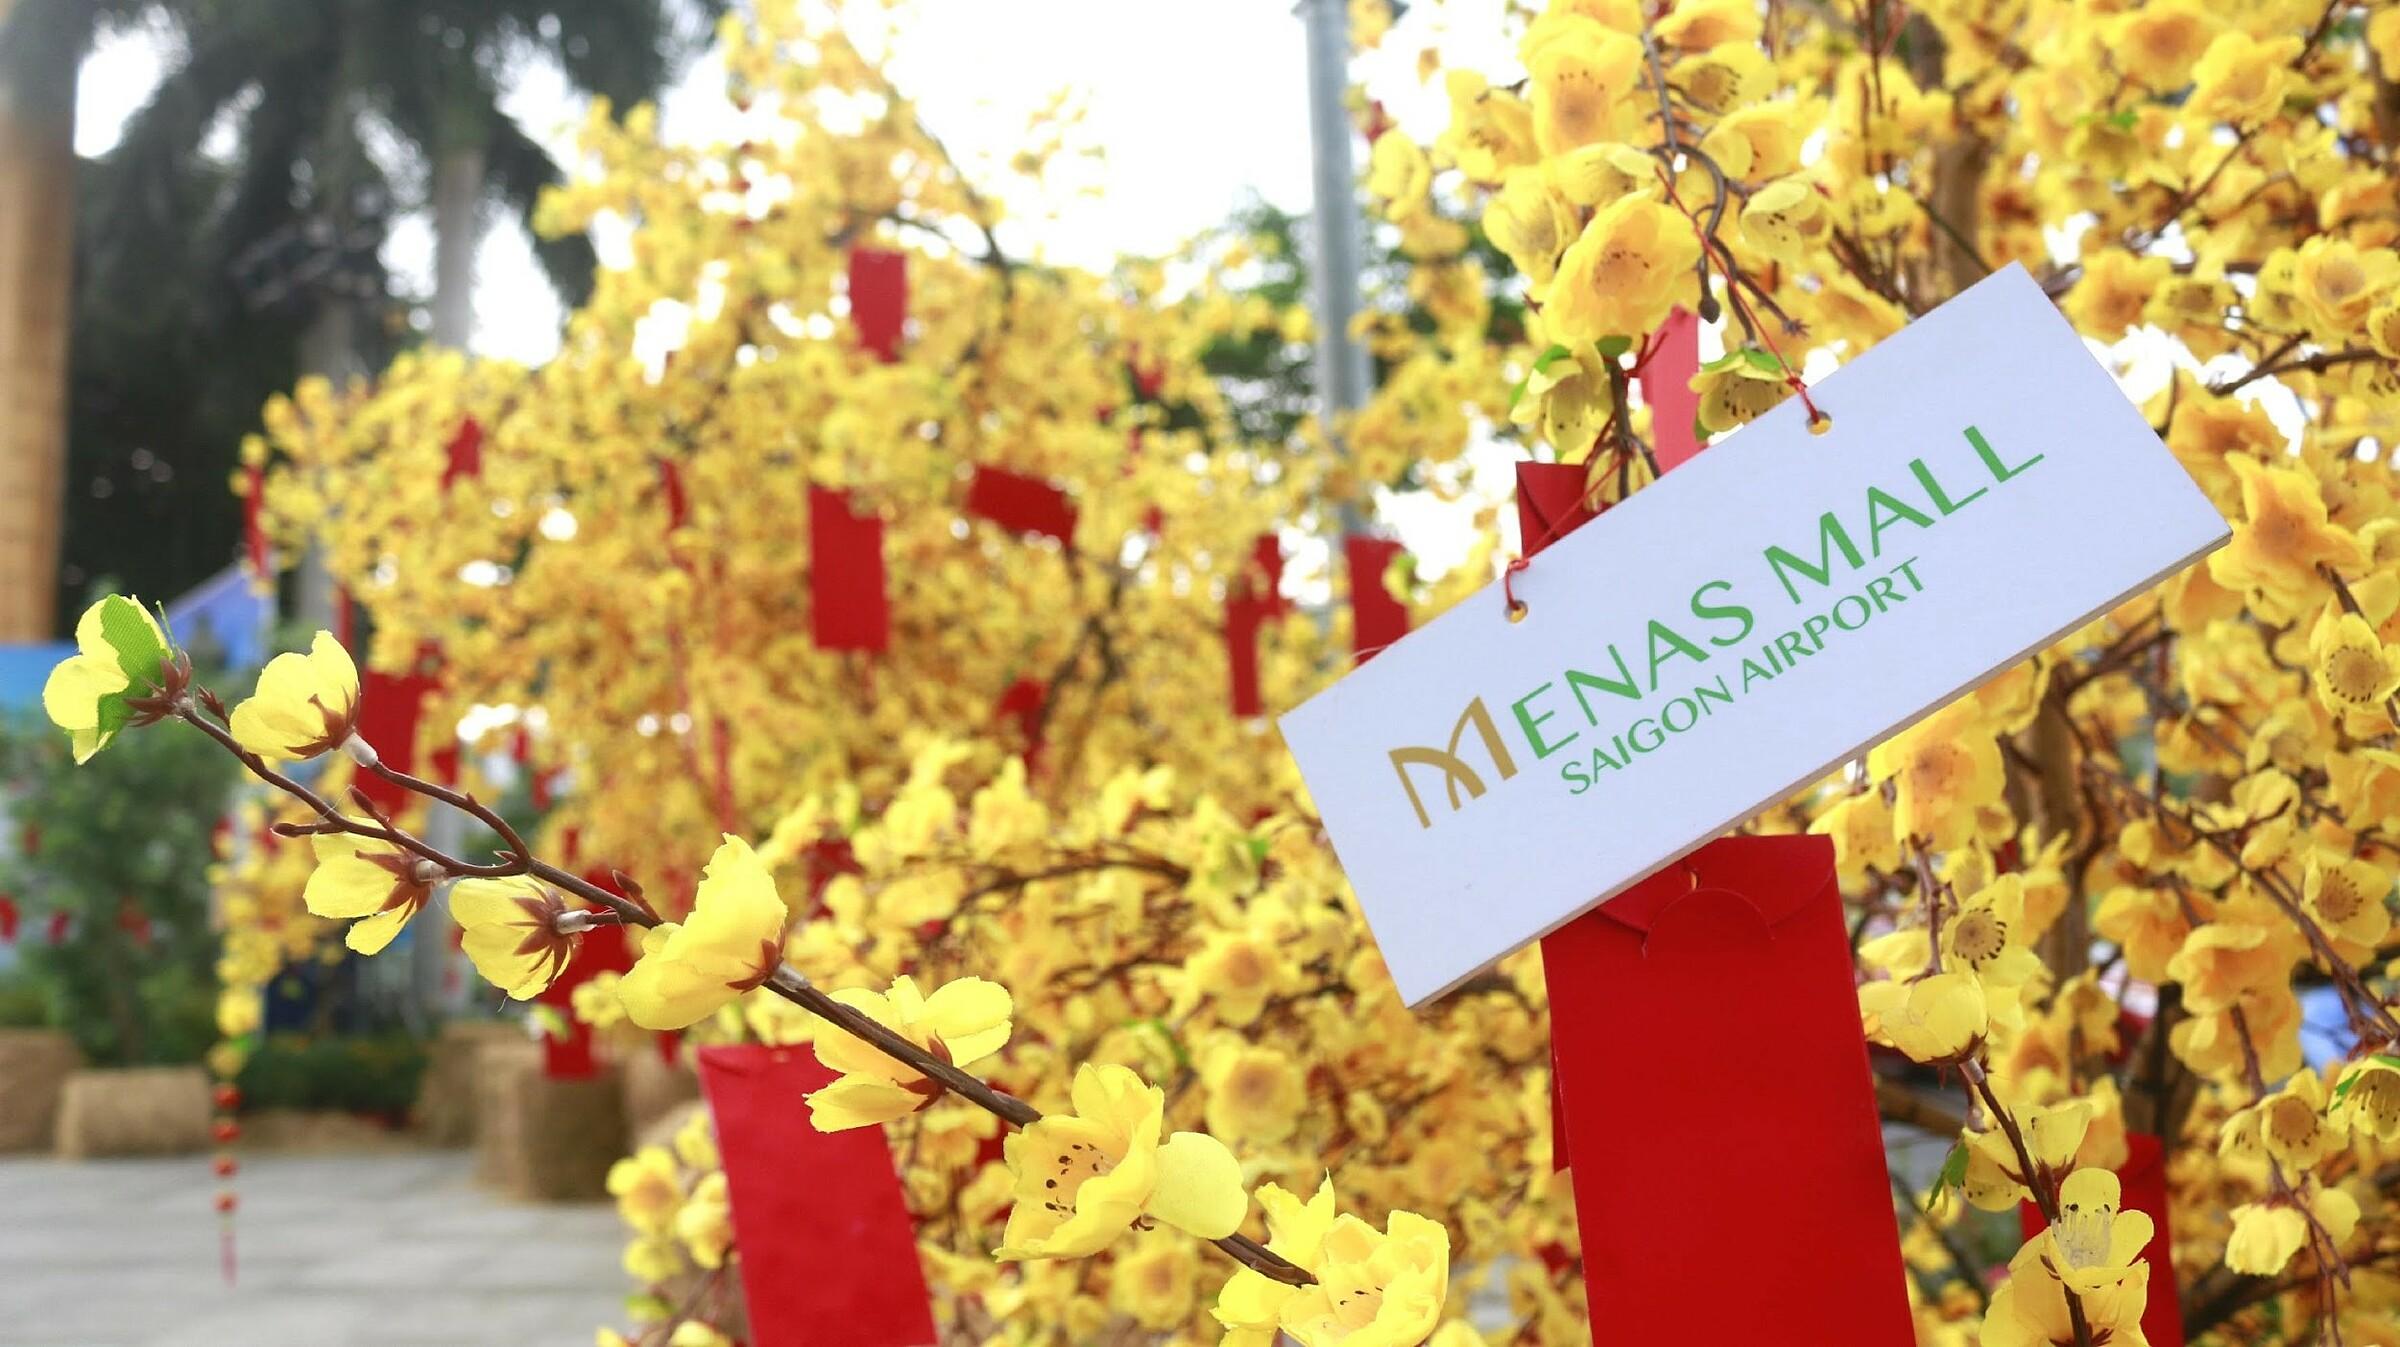 Đại diện Menas Mall Saigon Airport cho biết, năm nay có rất nhiều người dân không về quê đón Tết cùng gia đình vì phòng dịch, vì kế sinh nhai, vì khó khăn về tài chính... Dù lý do gì, với những ai ở lại Sài Gòn, nhớ người thân, nhớ thương không khí Tết cổ truyền thiêng liêng ở quê nhà là điều khôn nguôi trong những ngày này. Vì thế, việc tái hiện khung cảnh miền quê tại đường hoa là điều giúp an ủi phần nào những người con xa xứ.